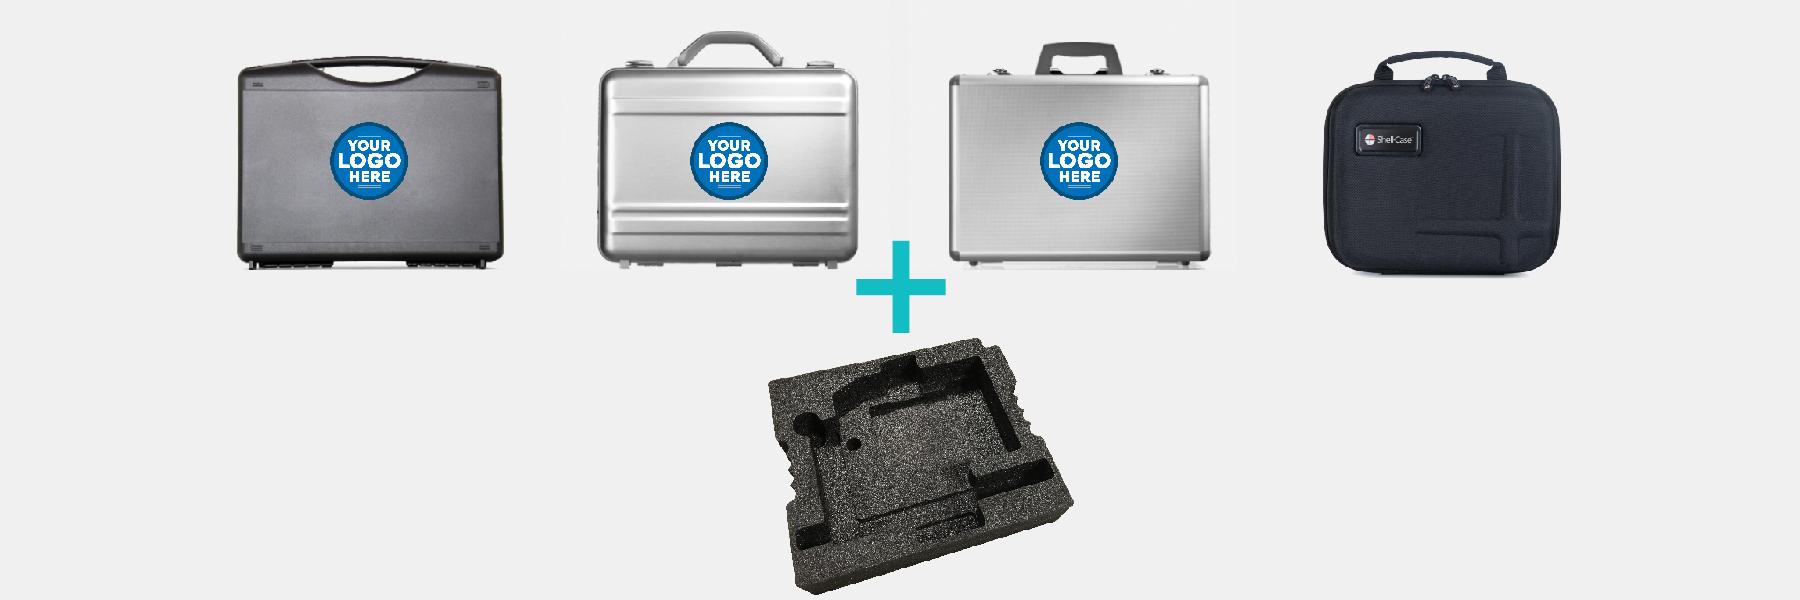 Bundle Kit for Demo Cases